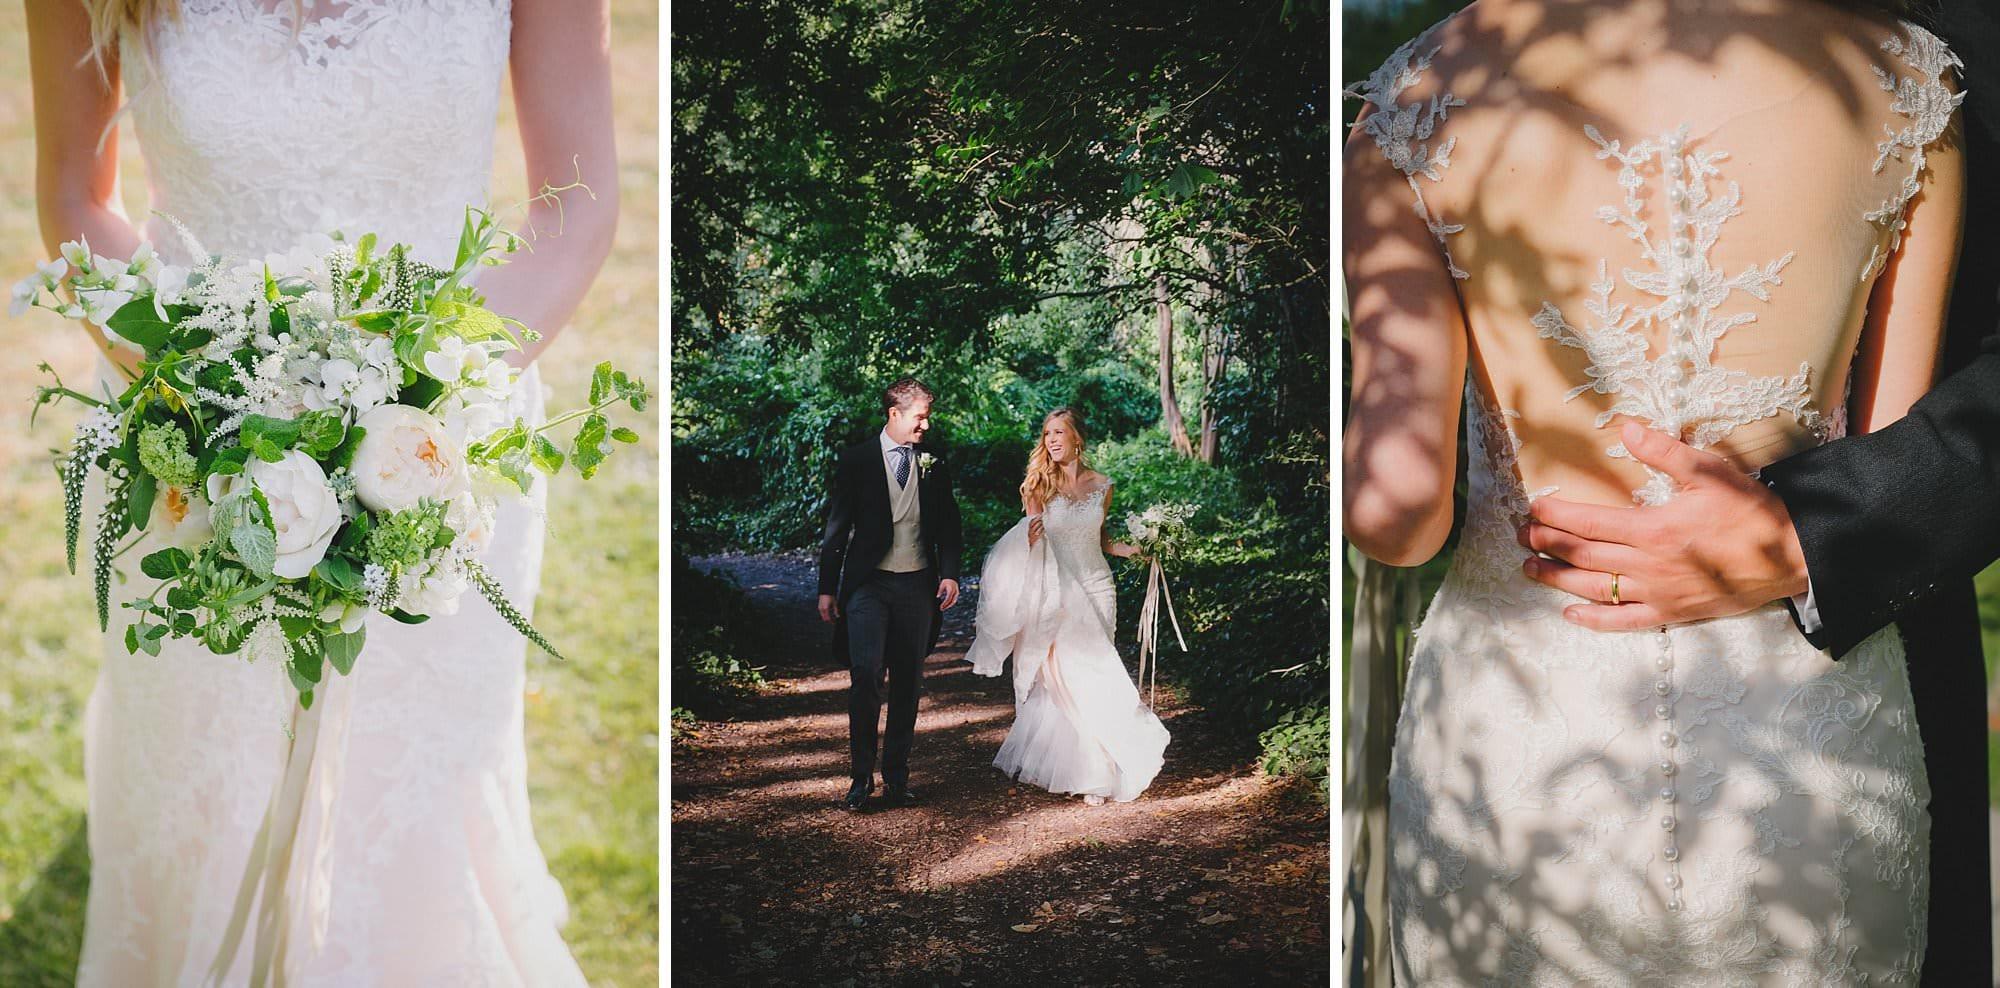 fulham palace wedding photographer 049 - Rosanna & Duncan's Fulham Palace Wedding